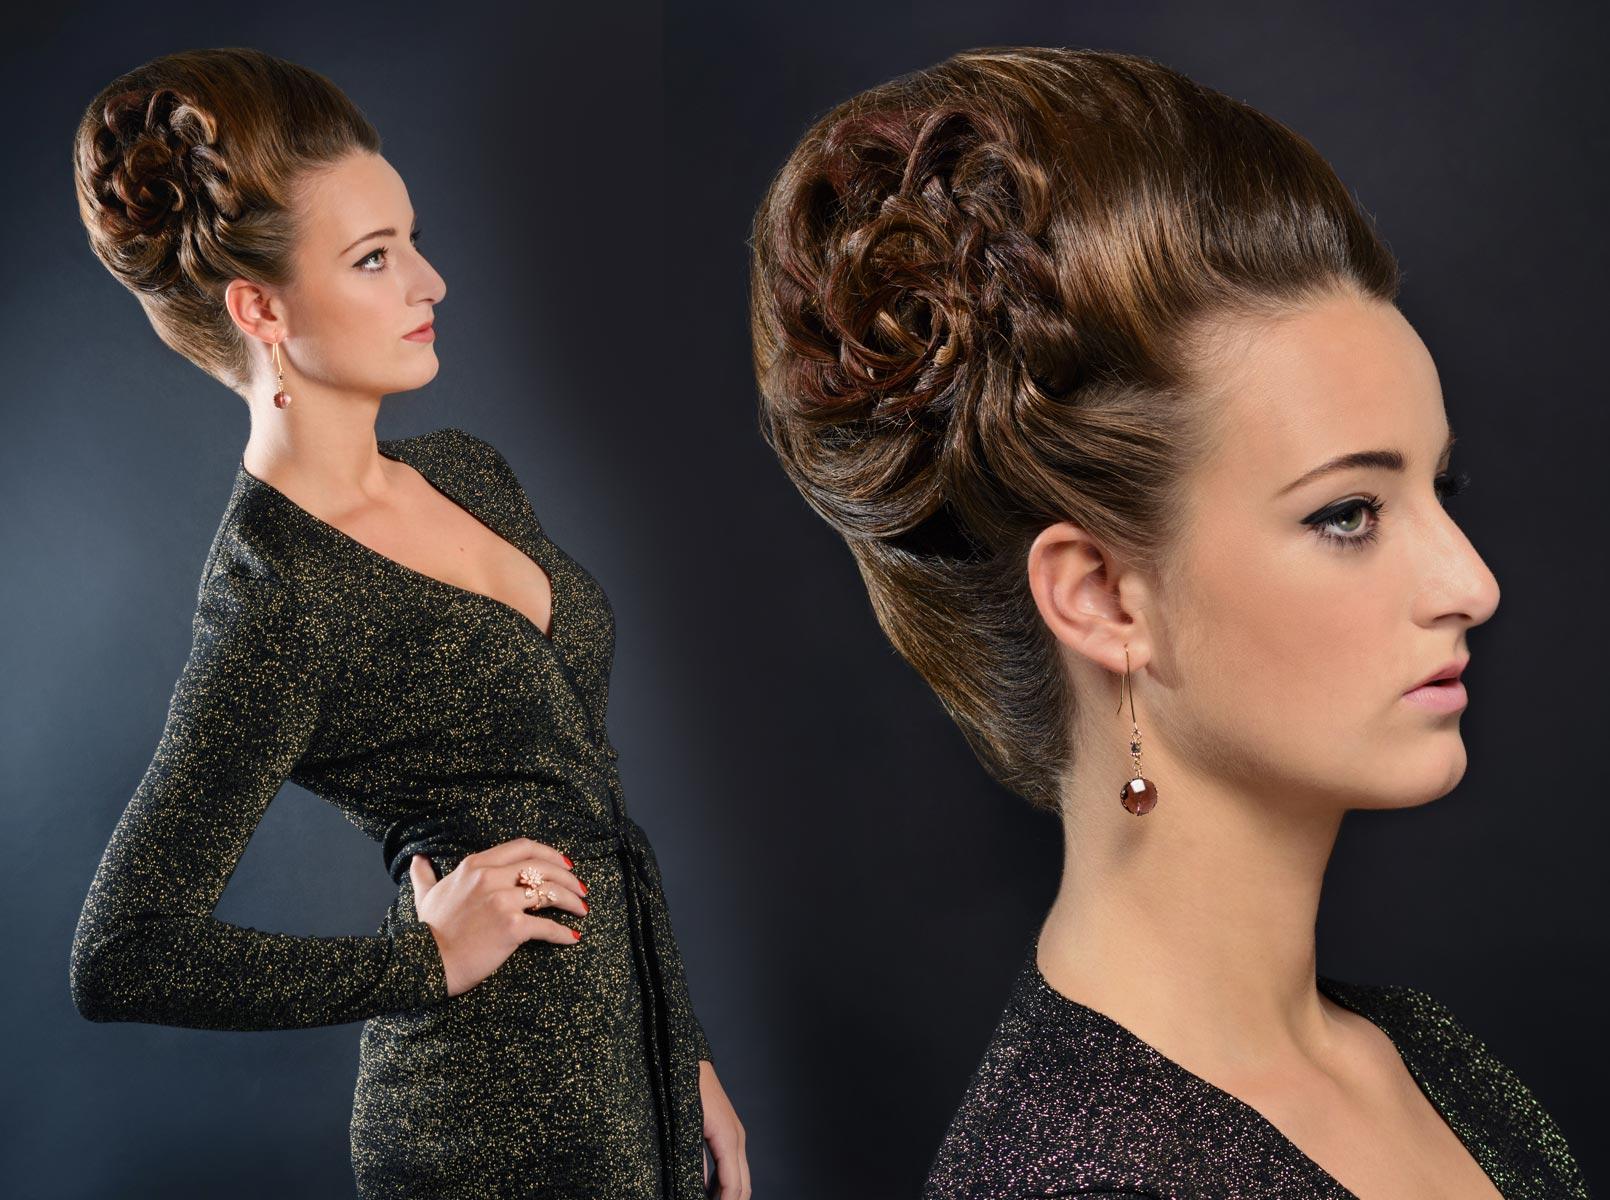 Kolekcia účesov Hair Art Design zima 2014/2015 – elegantný slávnostný drdol.